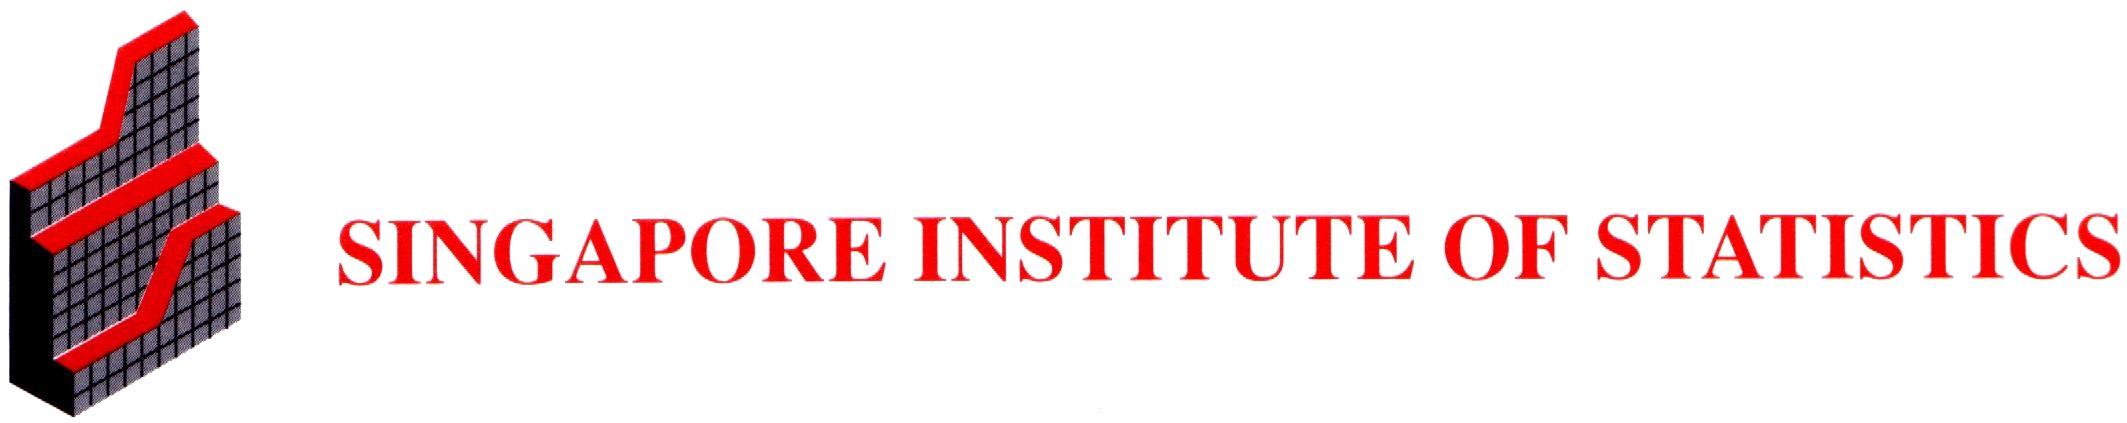 http://www.sis.org.sg/sis_logo.jpg